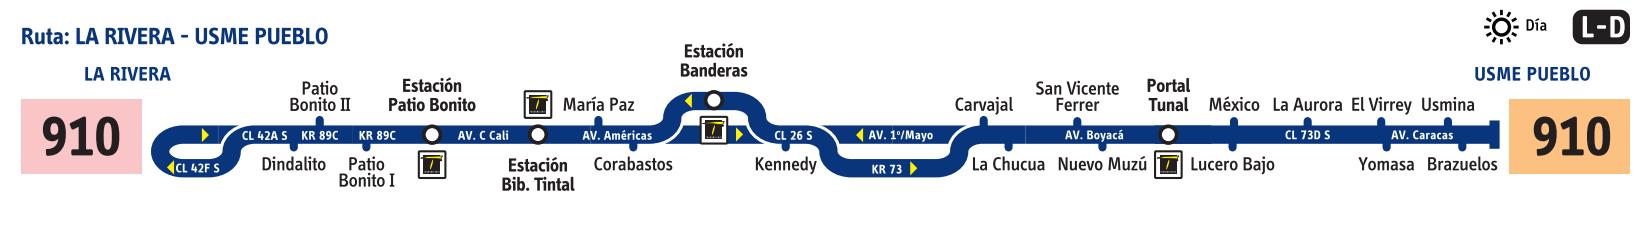 Ruta SITP: 910 Usme Pueblo ↔ La Rivera [Urbana] 1